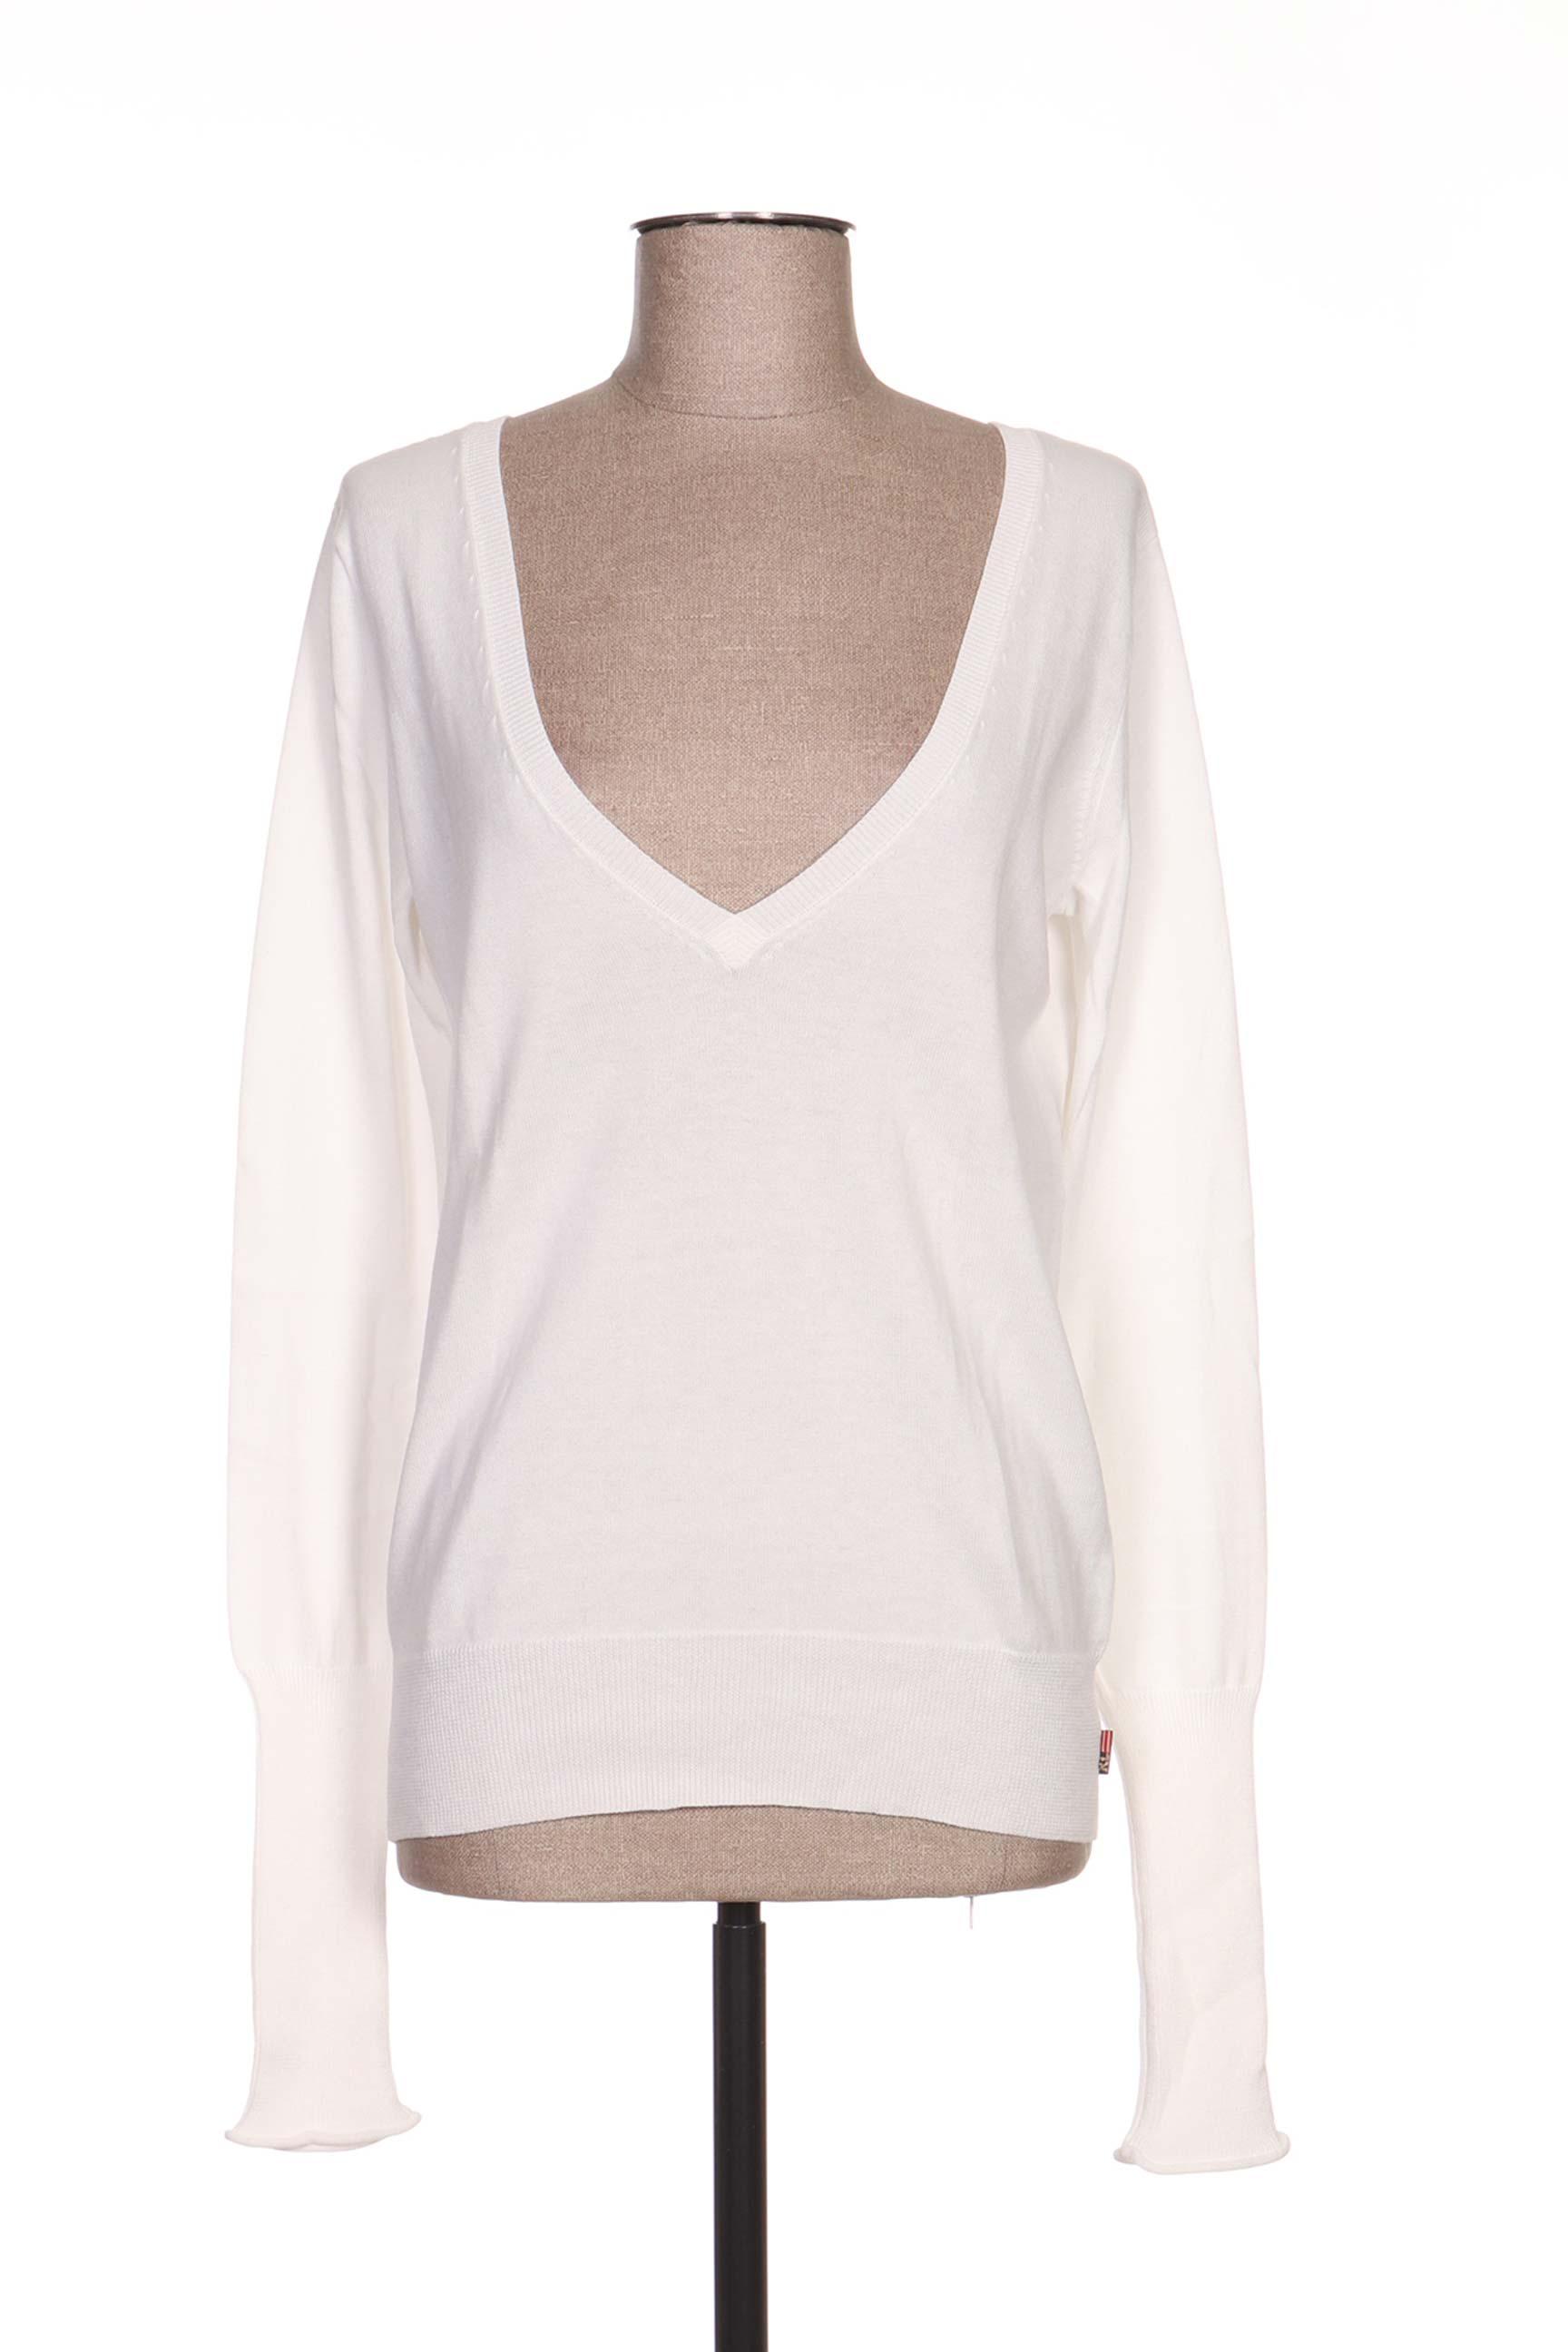 Ralph Lauren Cols V Femme De Couleur Blanc En Soldes Pas Cher ... 2a1c80cad252